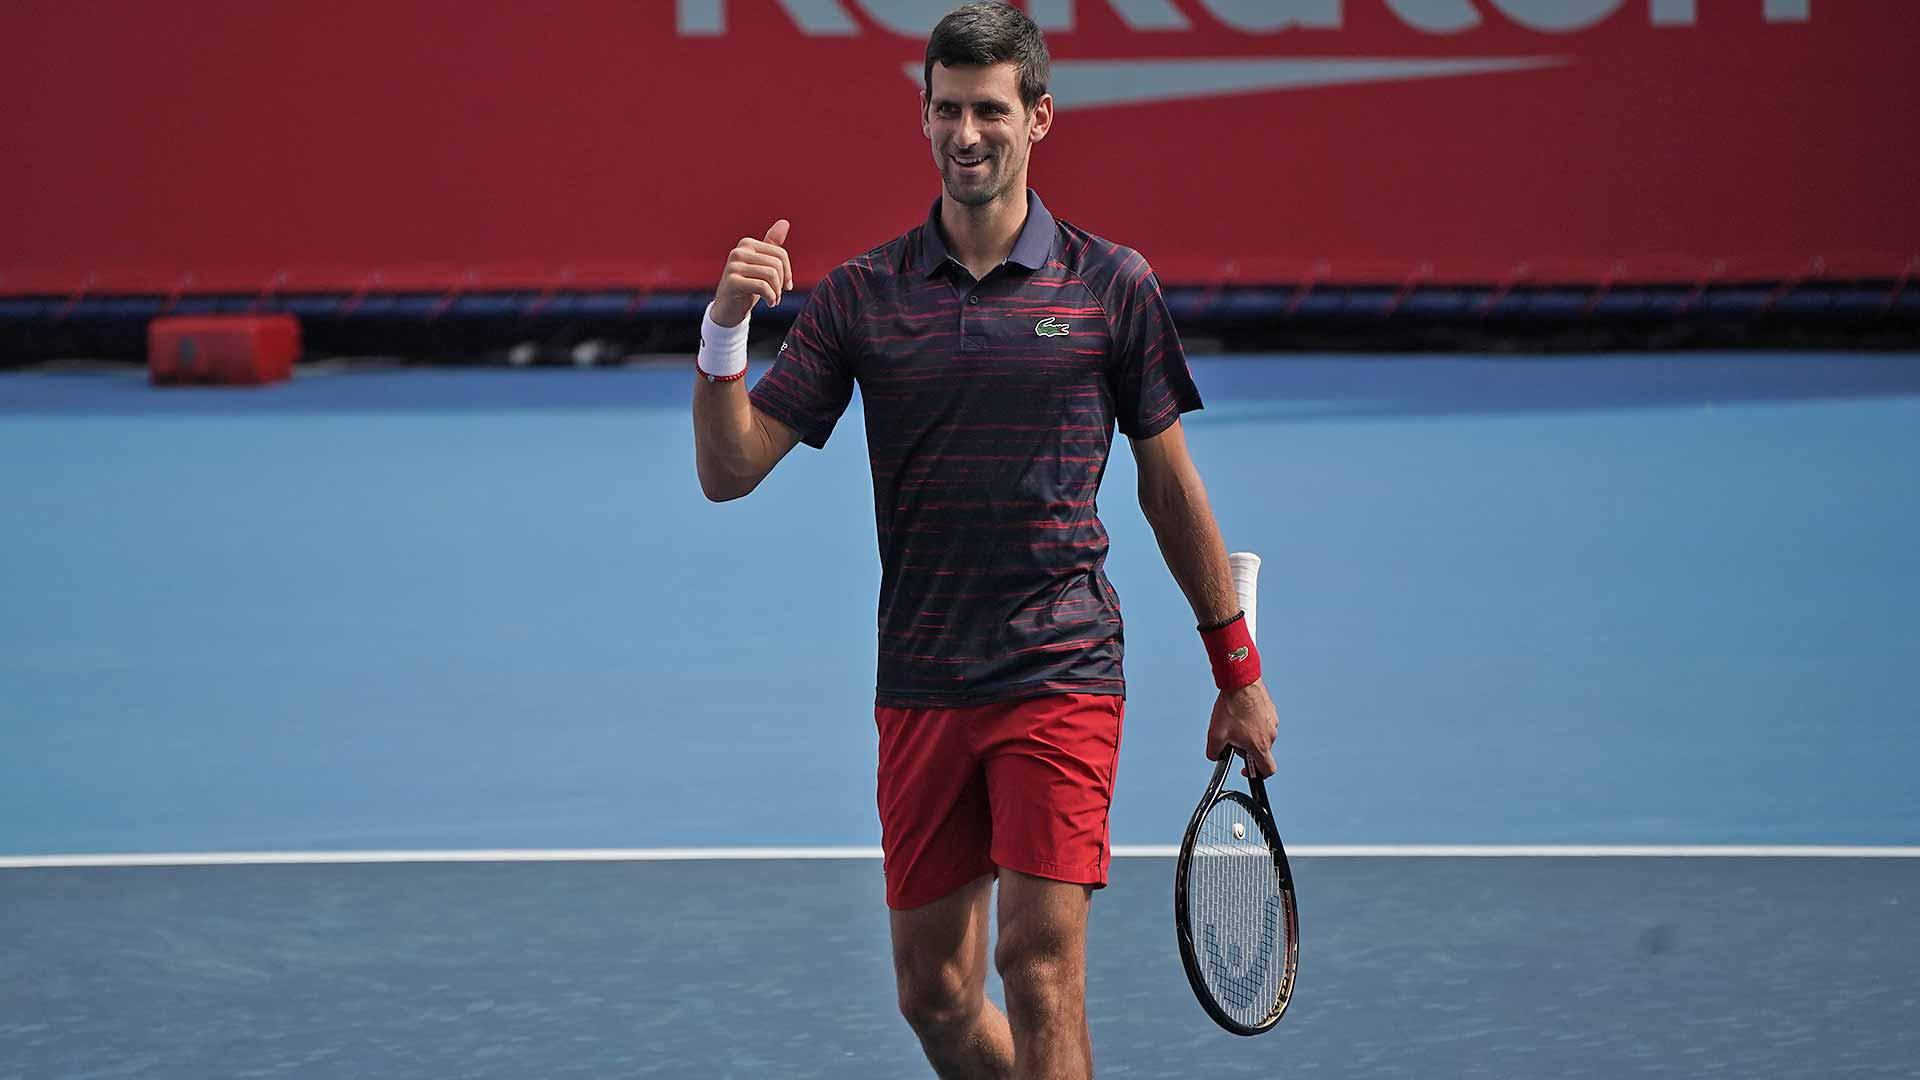 Su Sky Sport 5 tornei in 5 settimane: 34 giorni di tennis non stop